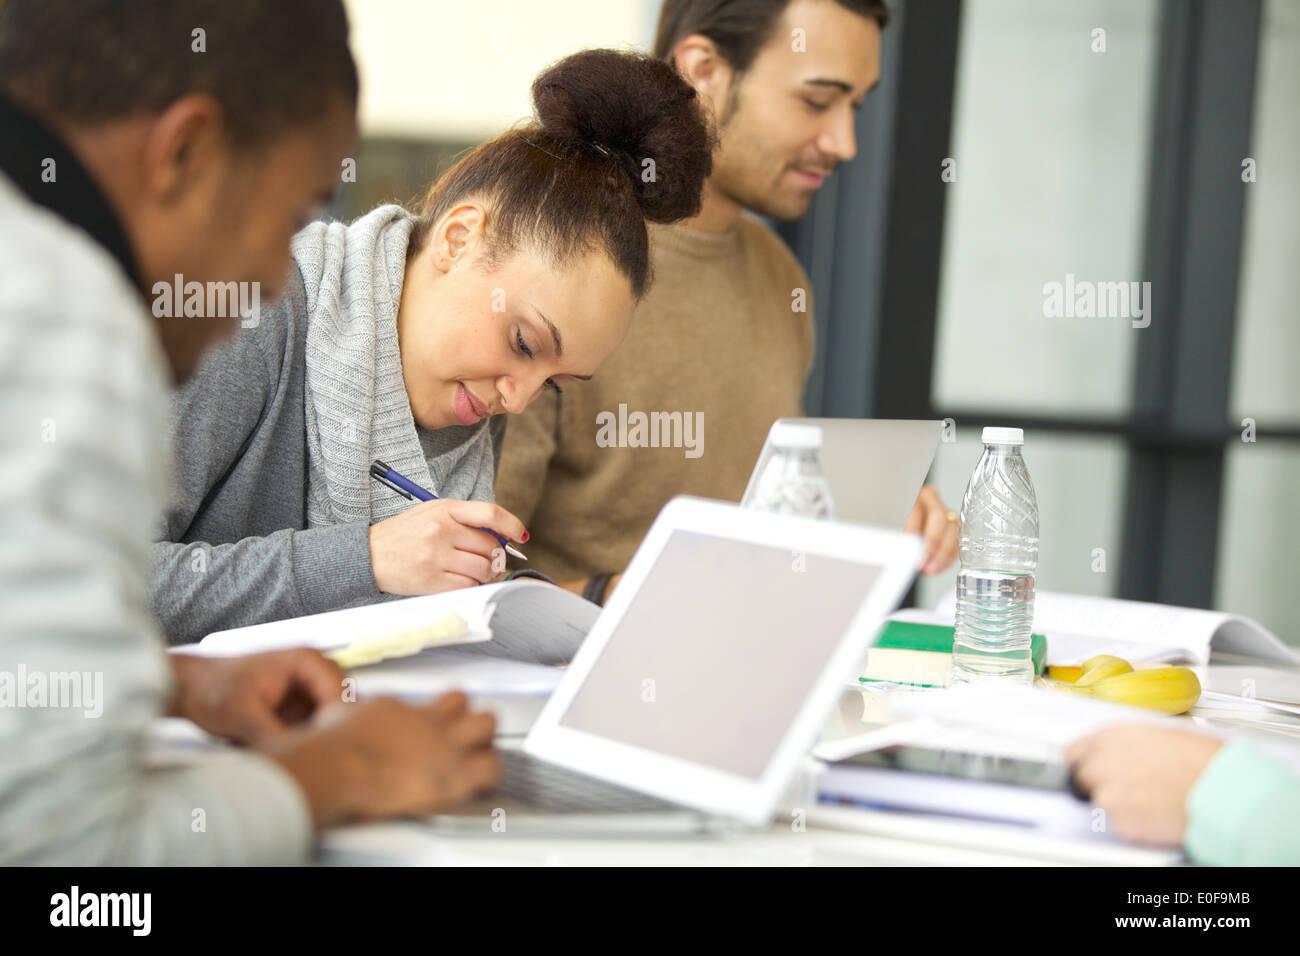 Joven afroamericana tomando notas de libros para su estudio. Estudiantes sentados a la mesa con libros y laptop estudiando. Foto de stock